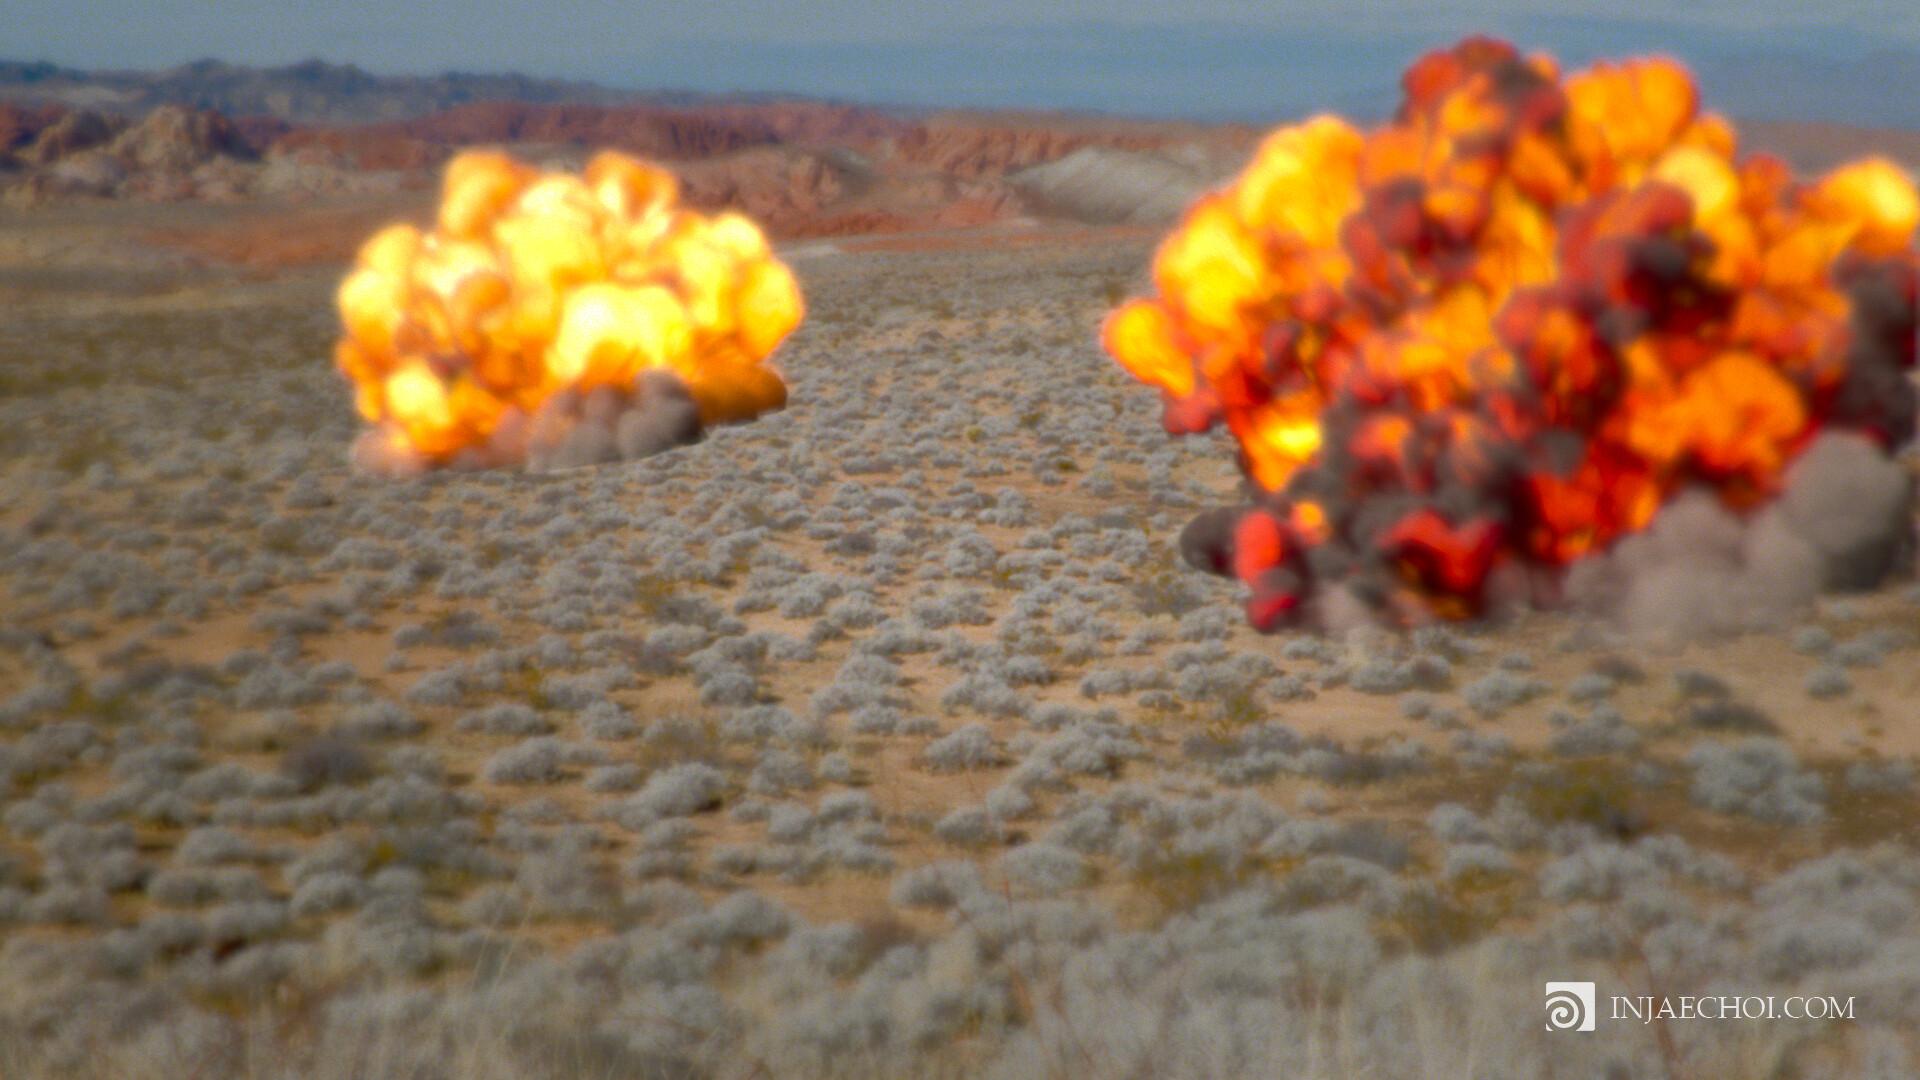 Chris injae choi explosion rnd 001